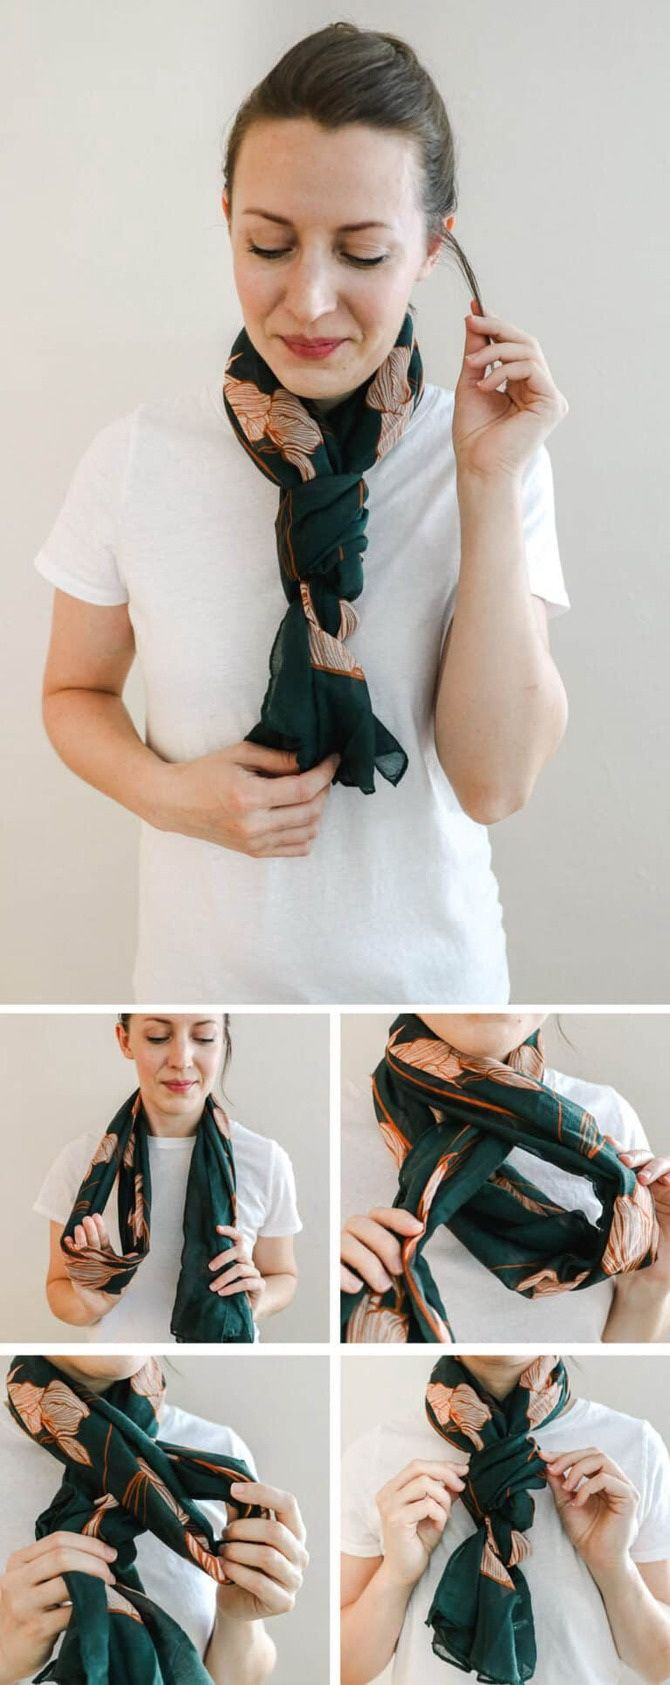 Як гарно зав'язати шарф: 19 найкращих способів 1